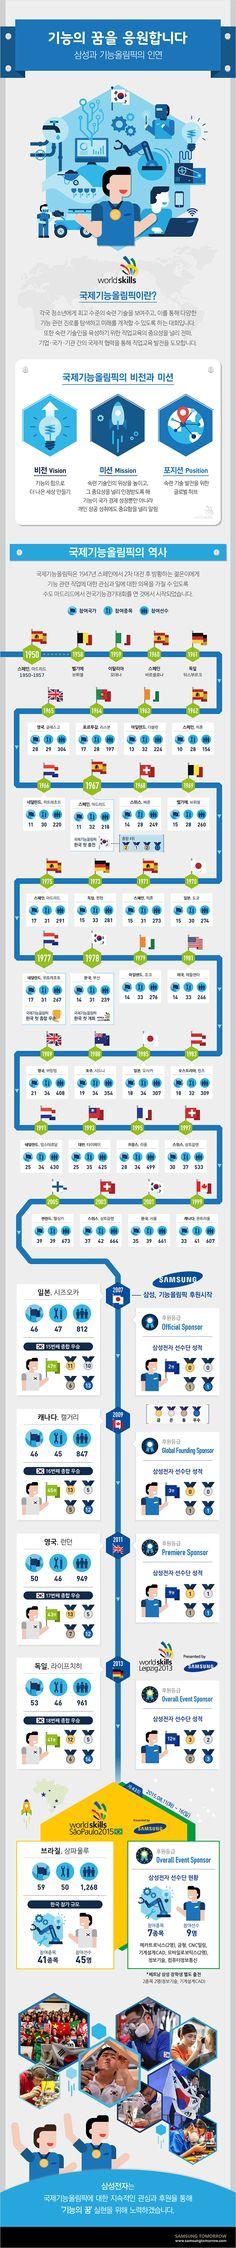 삼성과 국제기능올림픽대회의 인연에 관한 인포그래픽